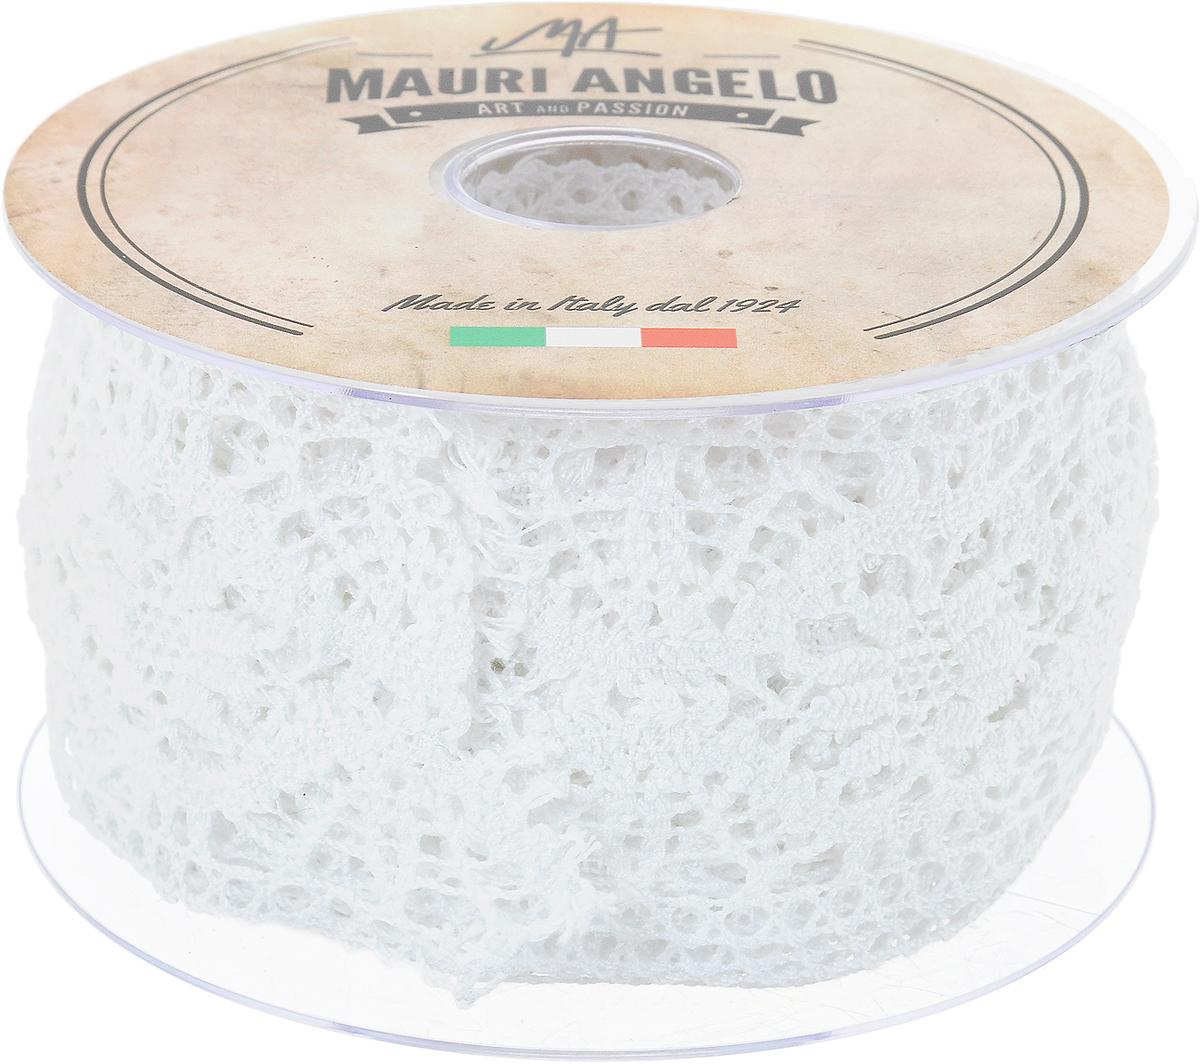 Лента кружевная Mauri Angelo, цвет: белый, 6,1 см х 10 мNLED-454-9W-BKДекоративная кружевная лента Mauri Angelo - текстильное изделие без тканой основы, в котором ажурный орнамент и изображения образуются в результате переплетения нитей. Кружево применяется для отделки одежды, белья в виде окаймления или вставок, а также в оформлении интерьера, декоративных панно, скатертей, тюлей, покрывал. Главные особенности кружева - воздушность, тонкость, эластичность, узорность.Декоративная кружевная лента Mauri Angelo станет незаменимым элементом в создании рукотворного шедевра. Ширина: 6,1 см.Длина: 10 м.